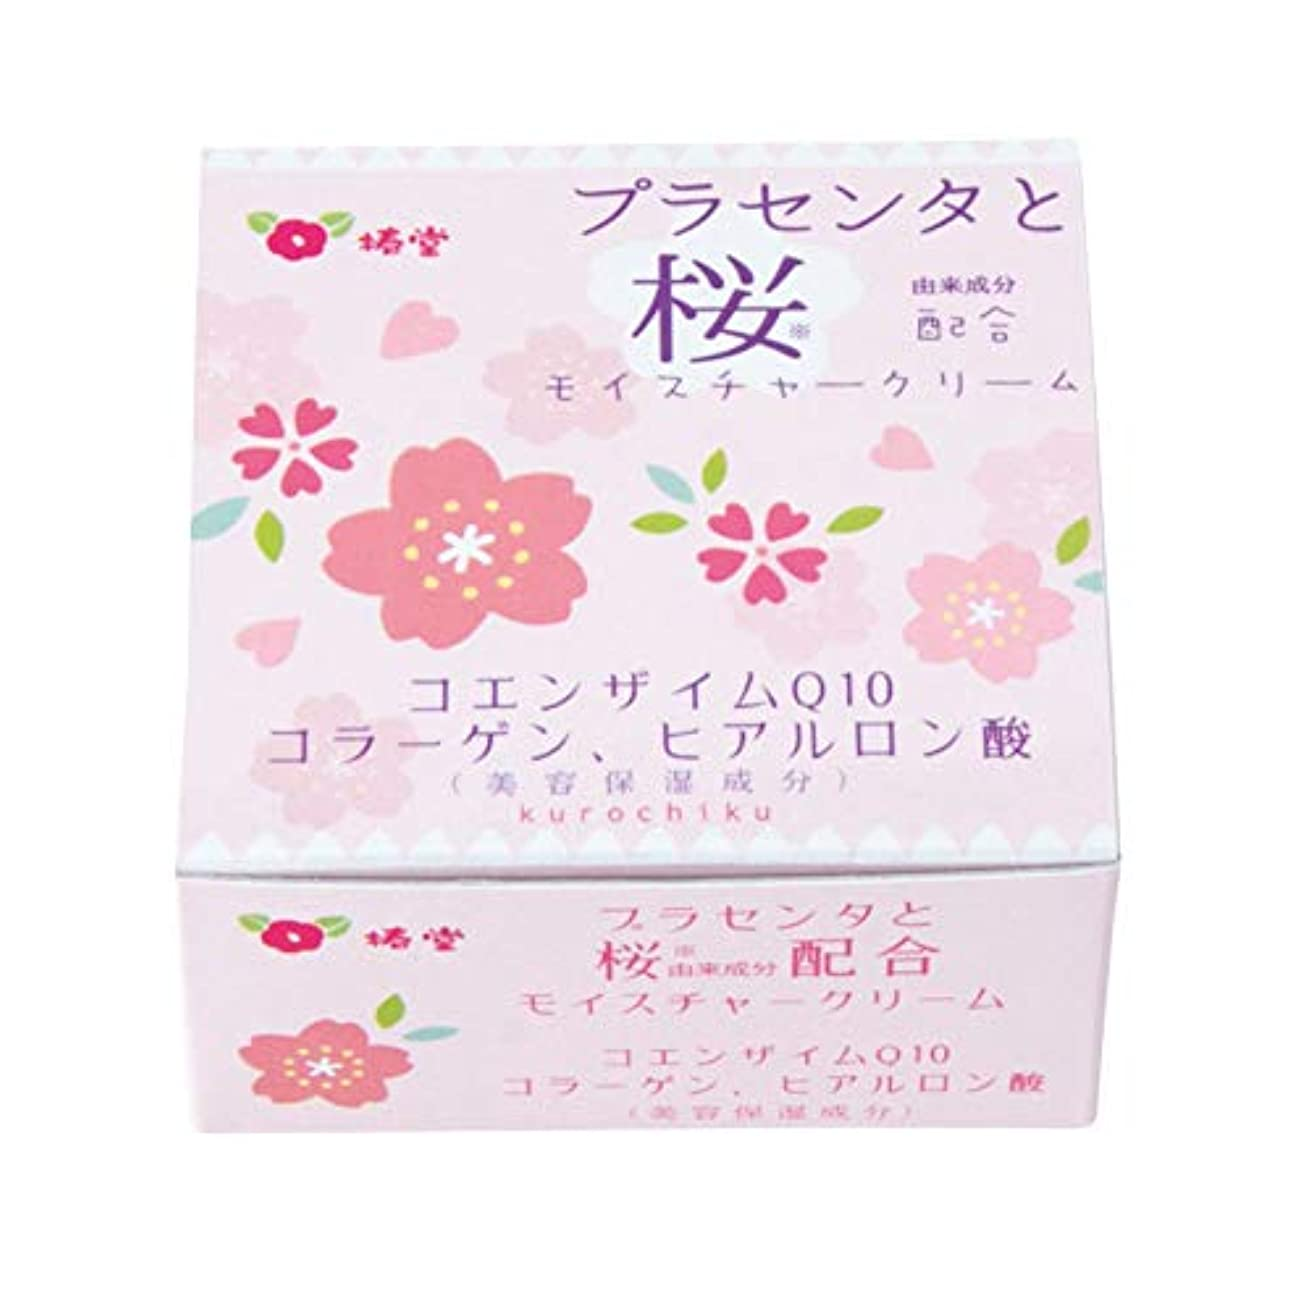 シネマ不格好観光に行く椿堂 桜モイスチャークリーム (プラセンタと桜) 京都くろちく